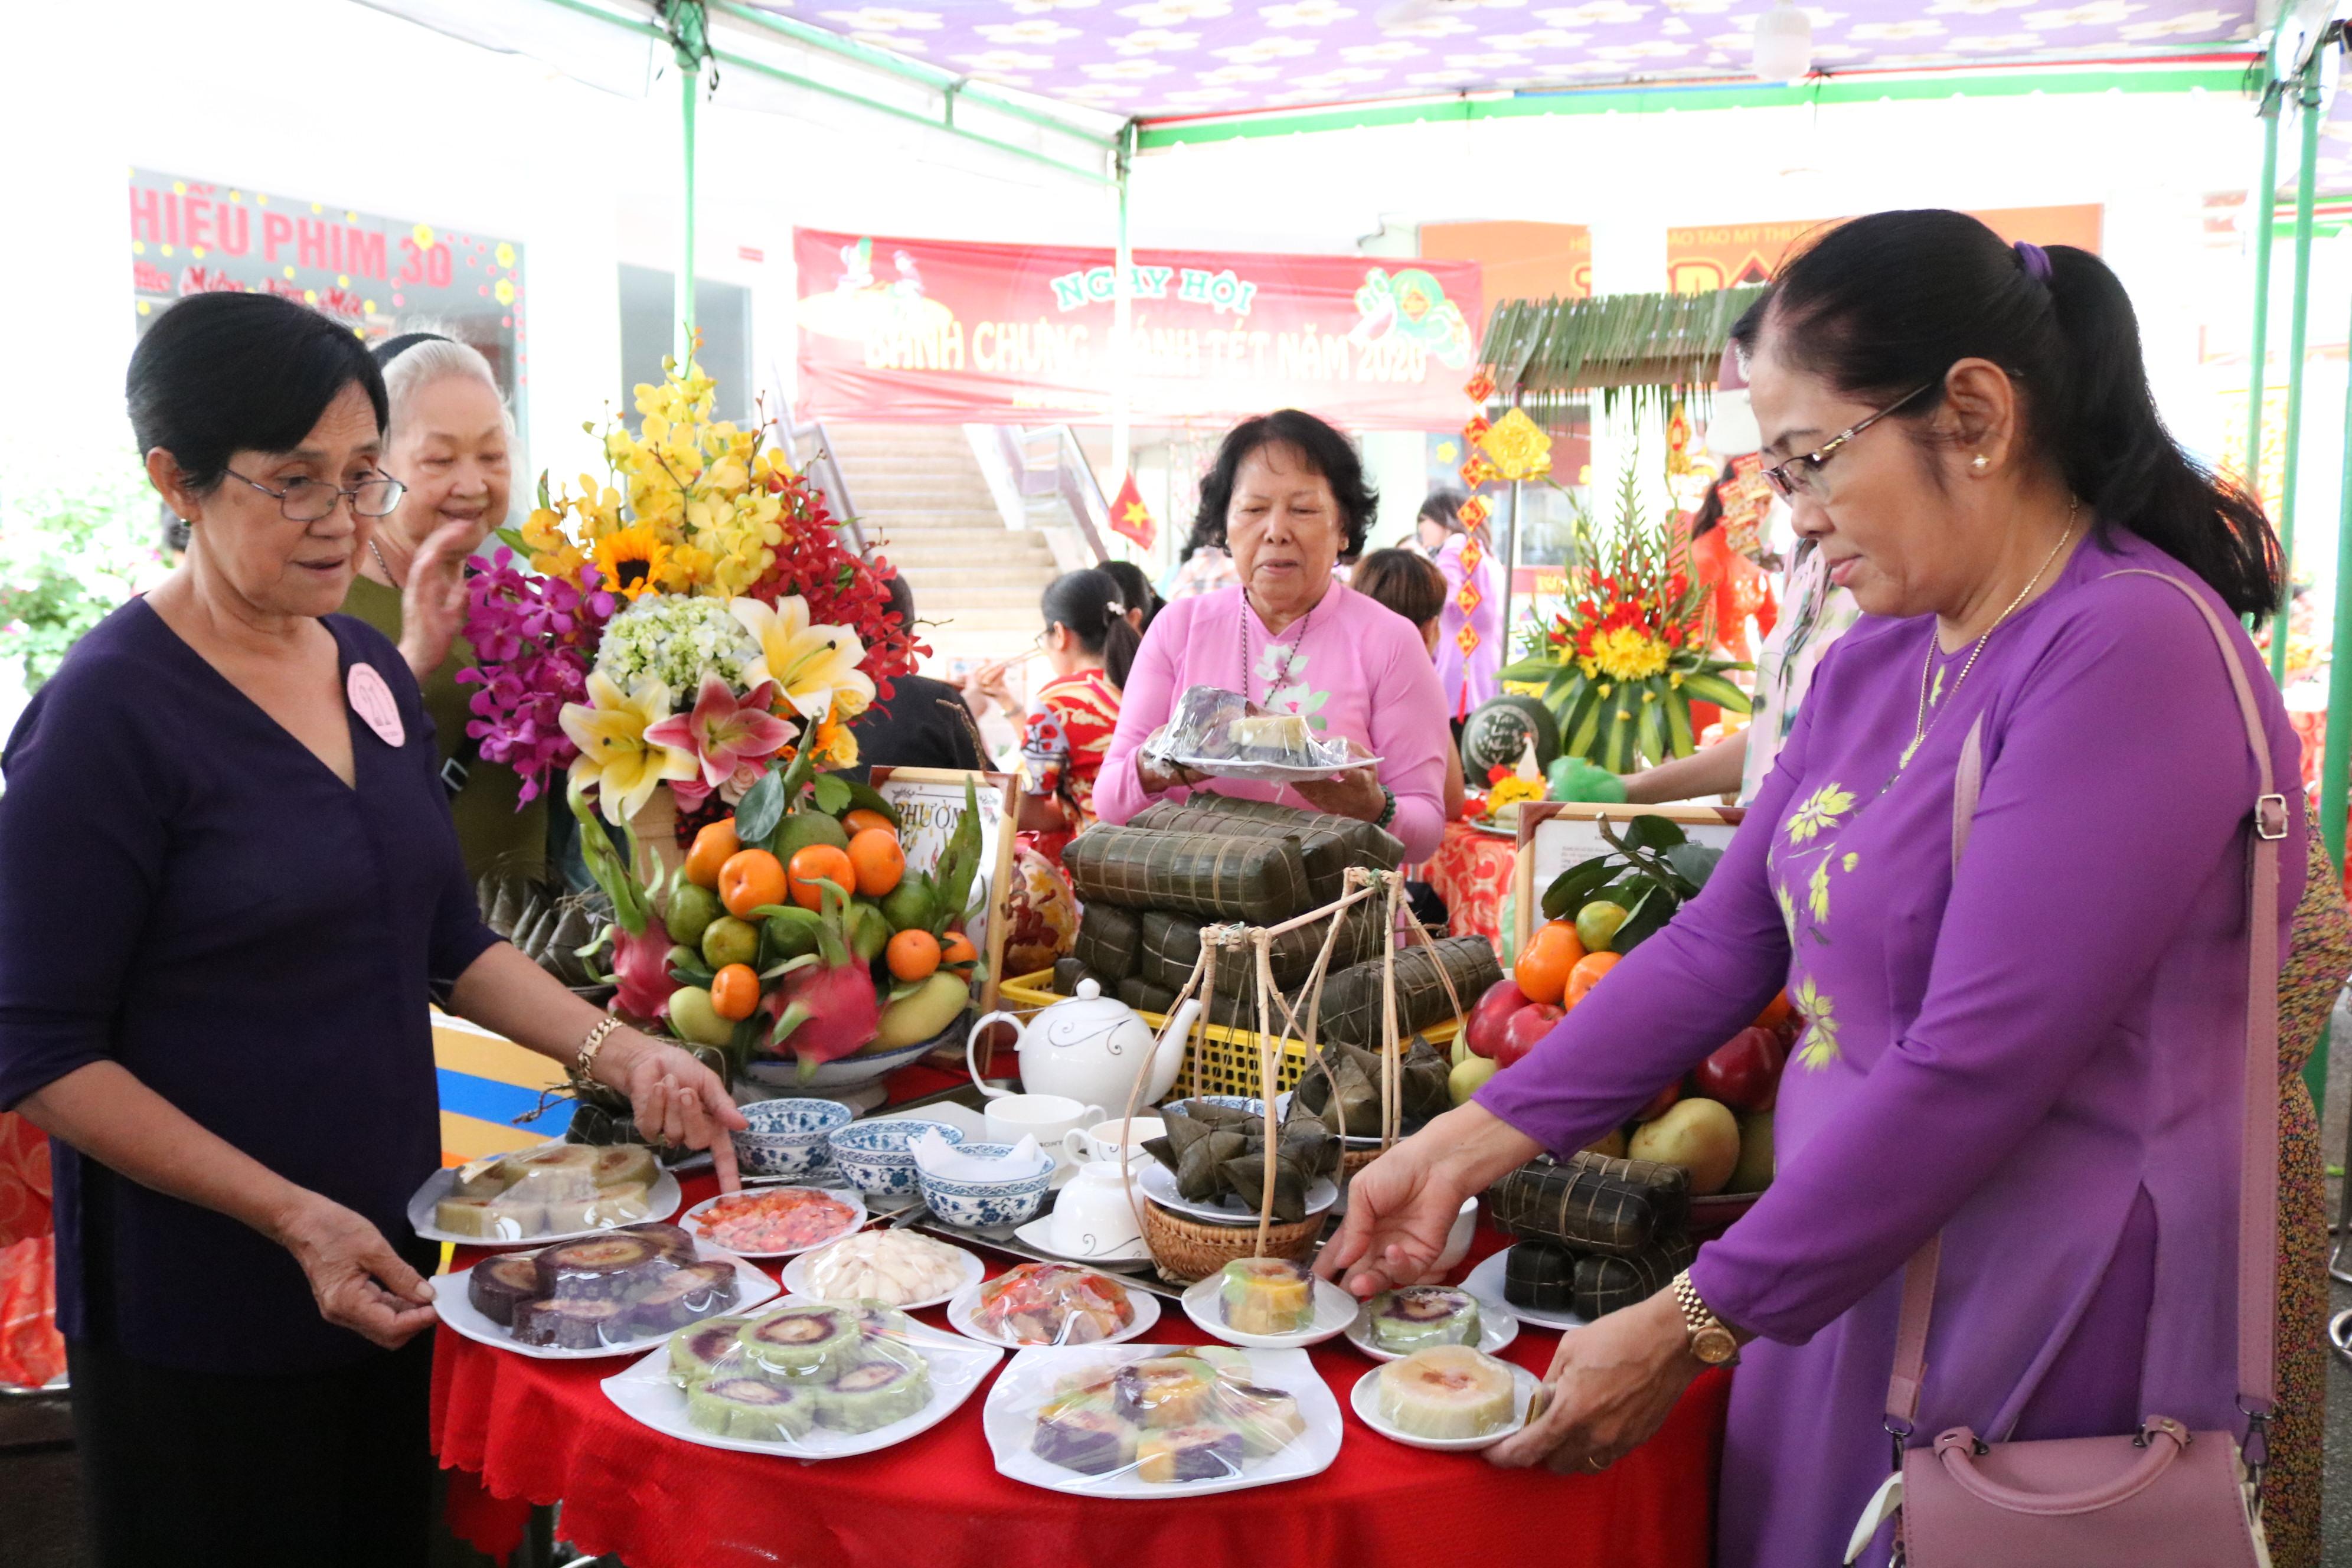 Những lát bánh tét đầy màu sắc được các dì làm từ nguồn nguyên liệu rau củ để dành tặng  mọi nhà đón Tết.